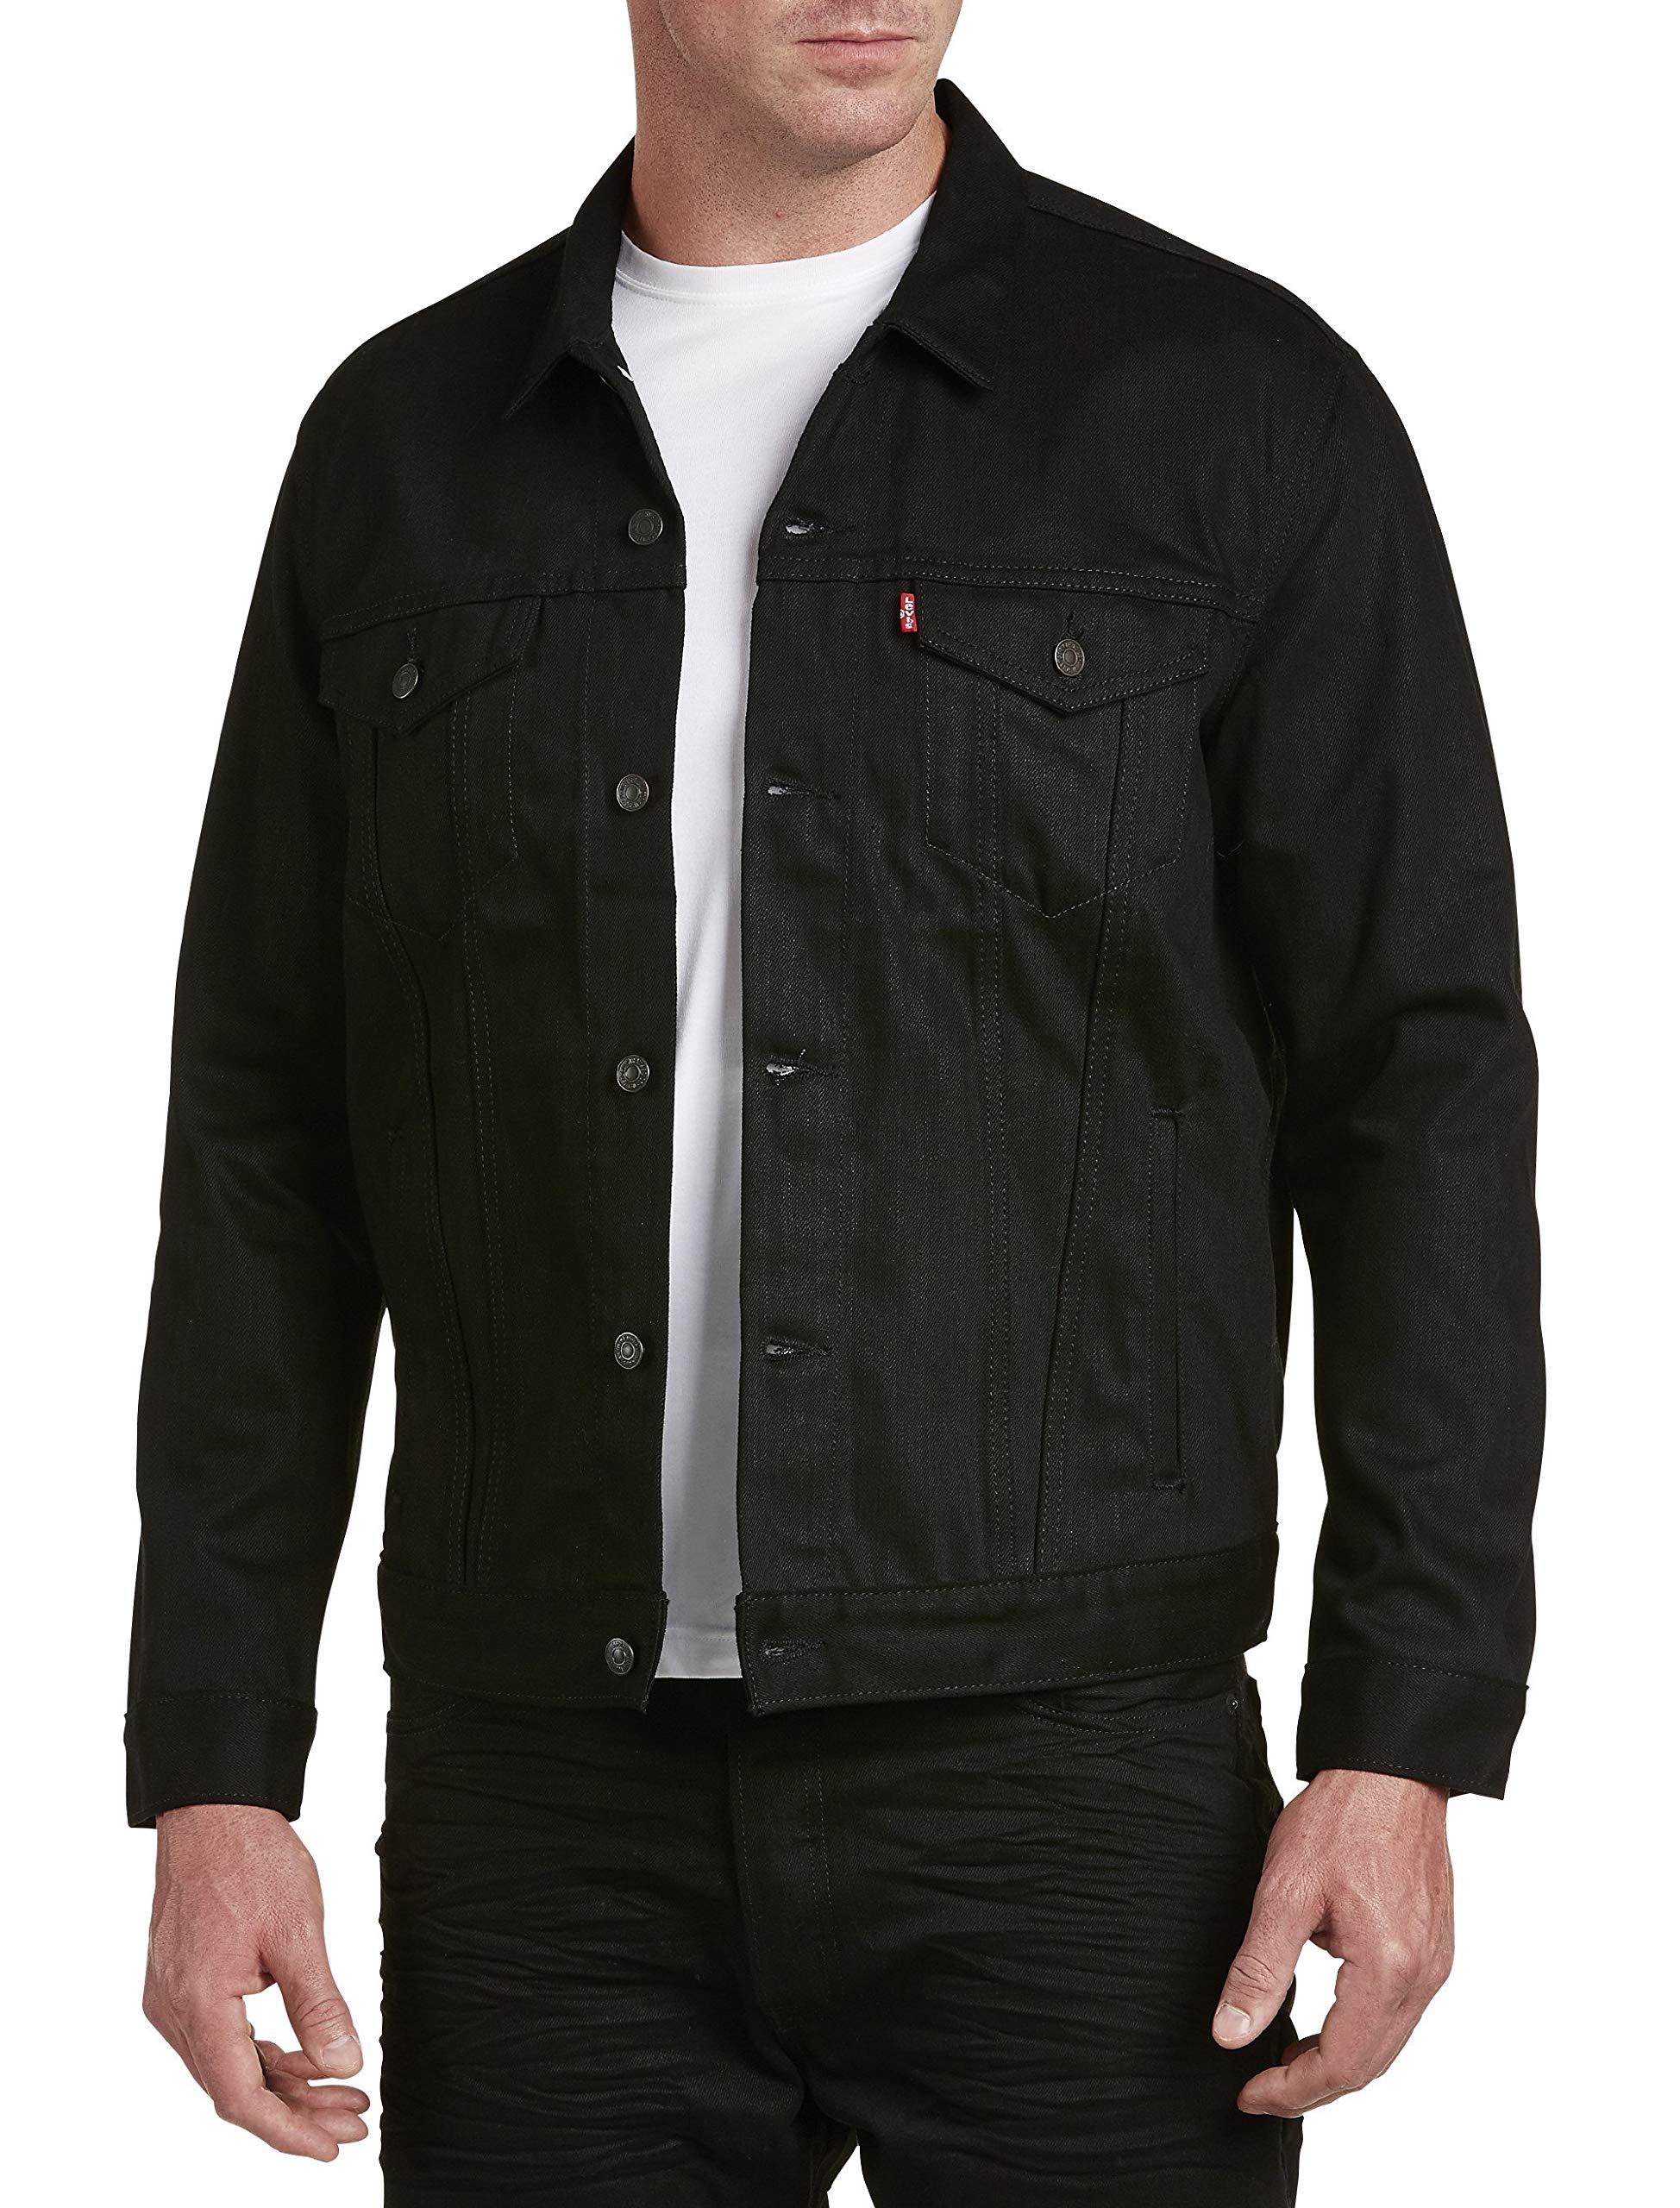 Levi's Men's Big and Tall Big & Tall Trucker Jacket, Polished Black, 4XL by Levi's